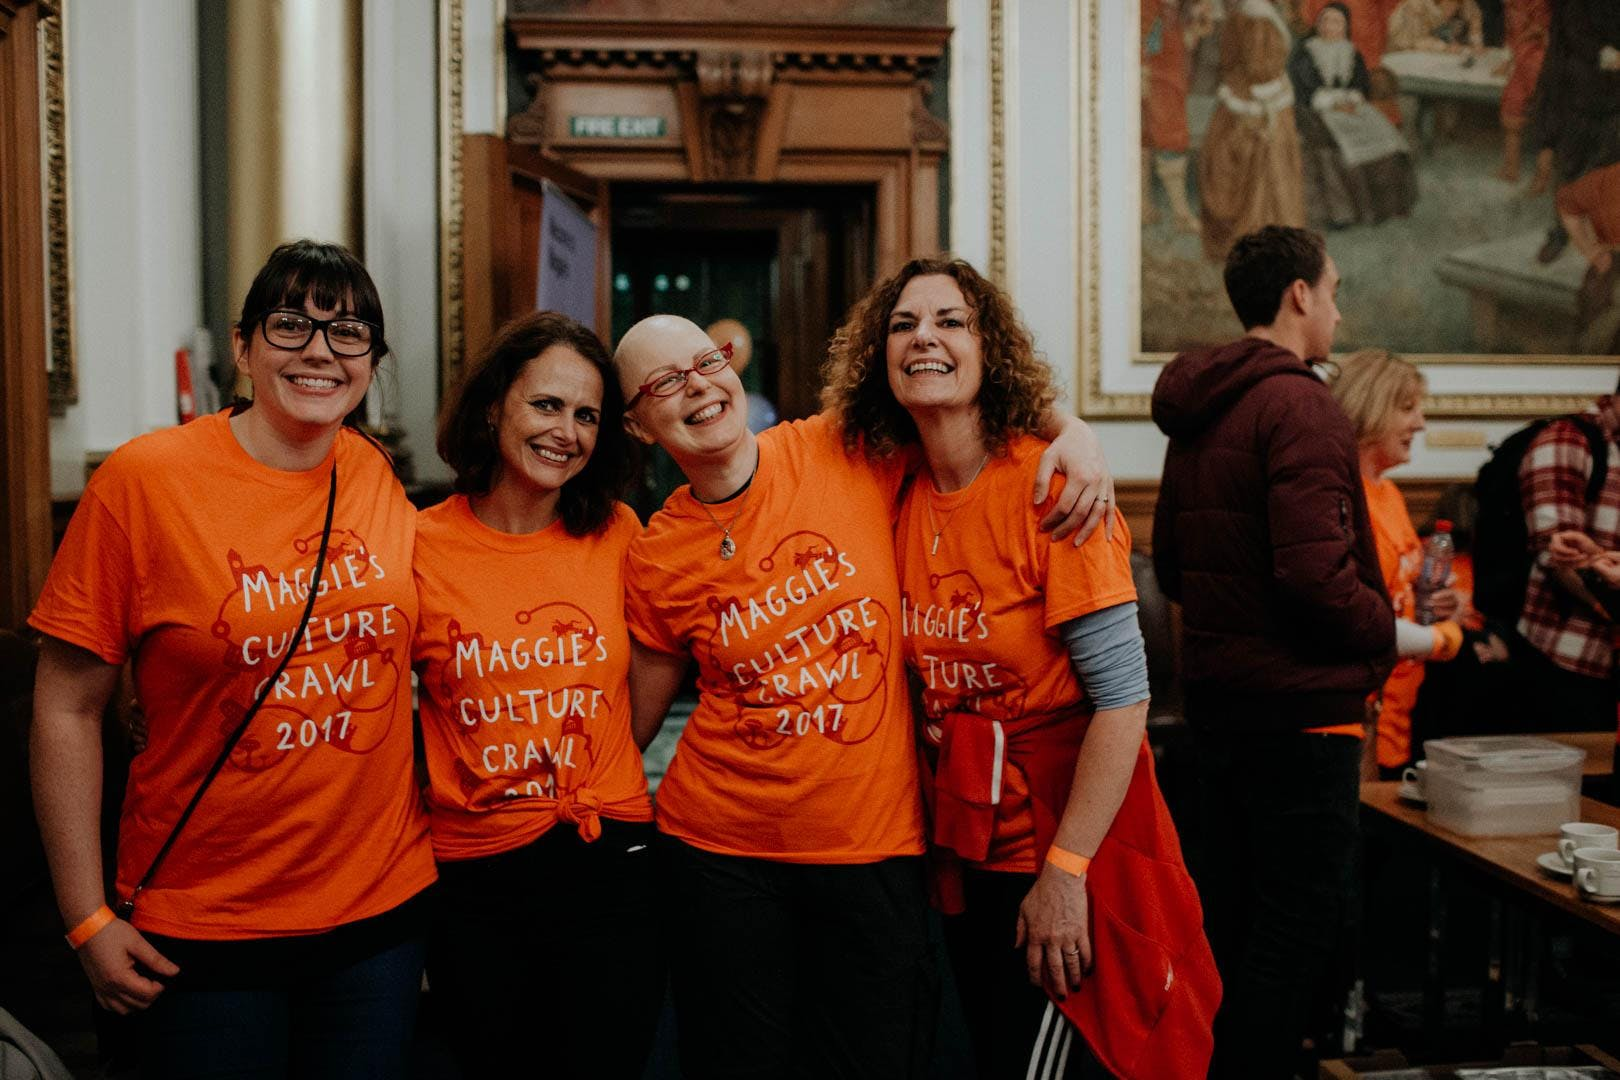 Maggie's Culture Crawl Edinburgh 2018